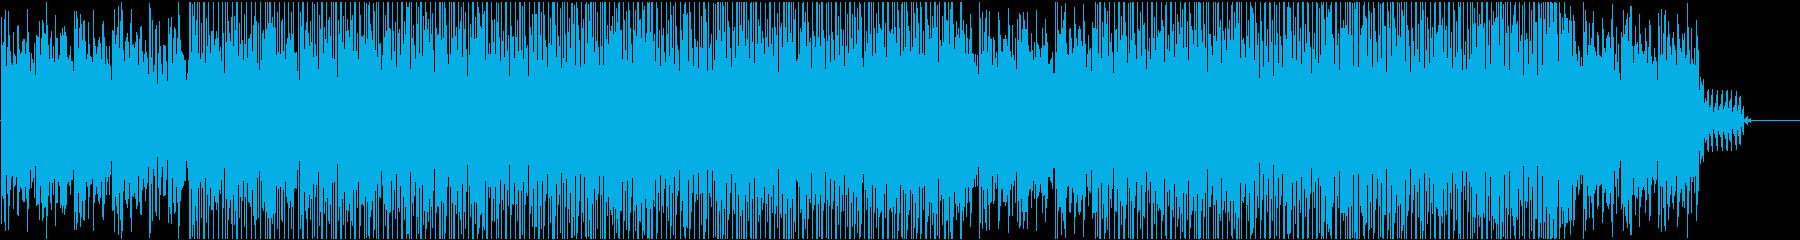 静と動がうまく両立の再生済みの波形